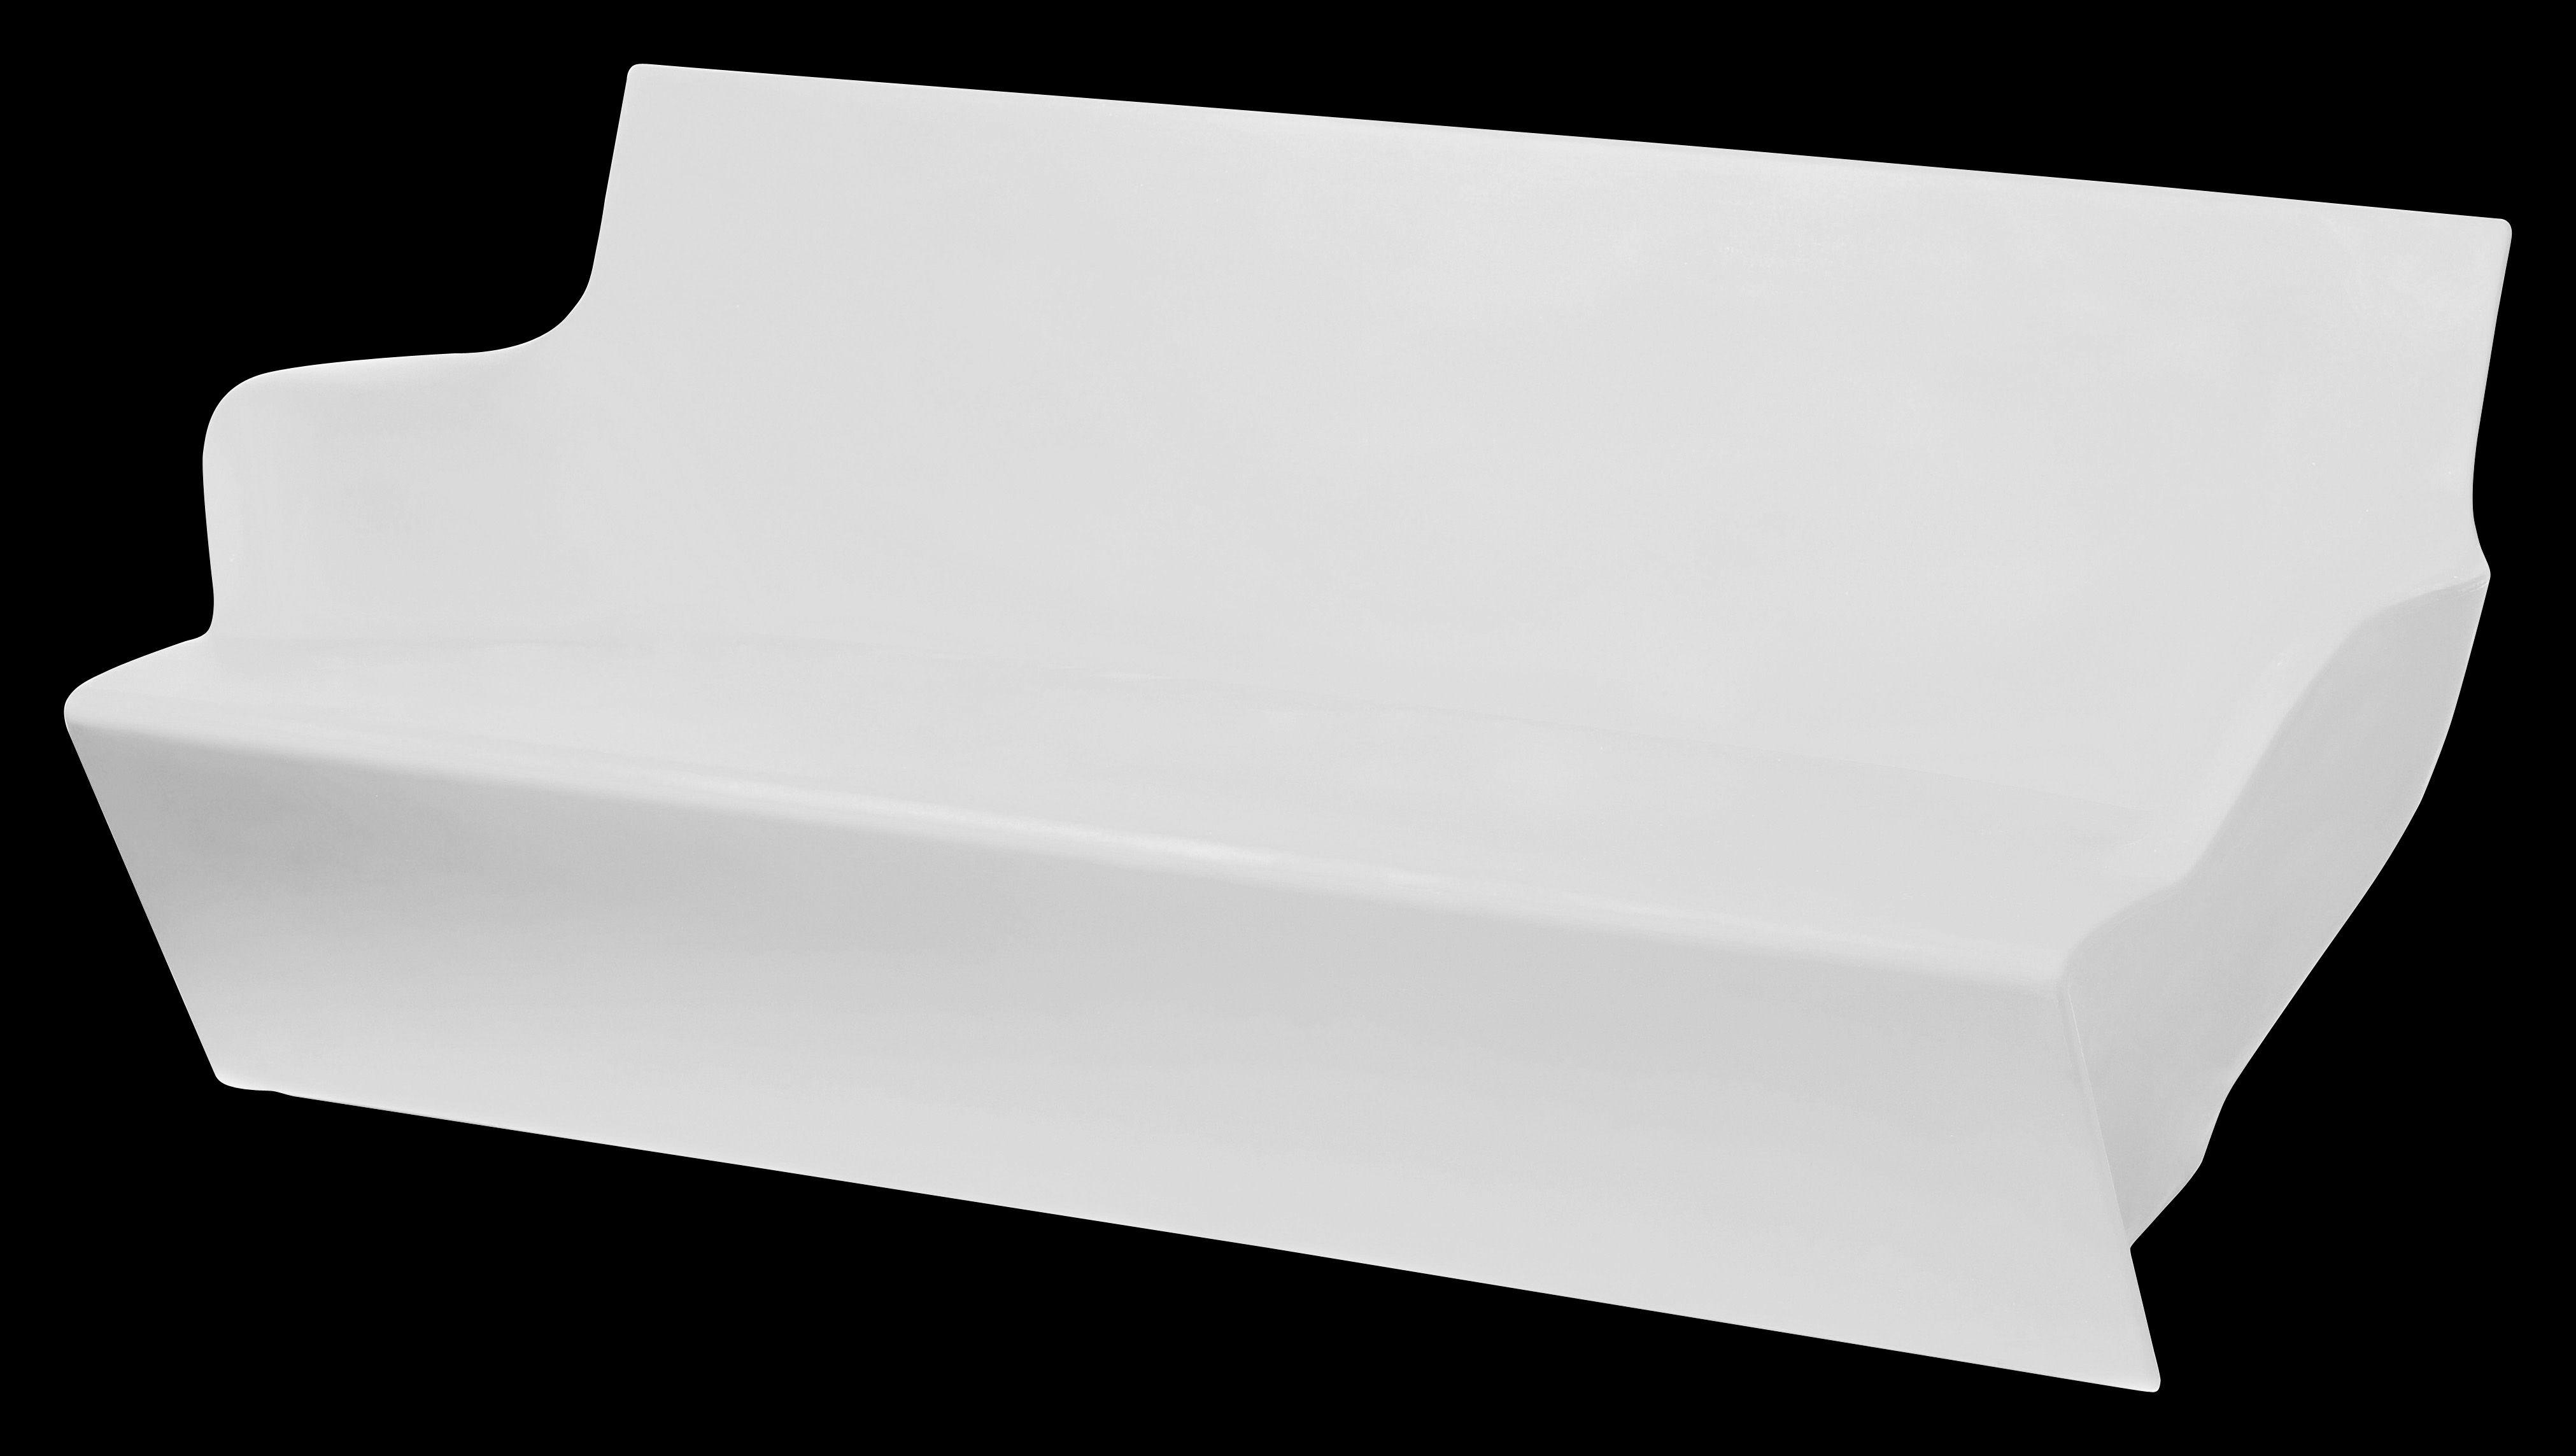 Arredamento - Mobili luminosi - Divano luminoso Kami Yon di Slide - Bianco luminoso - polietilene riciclabile